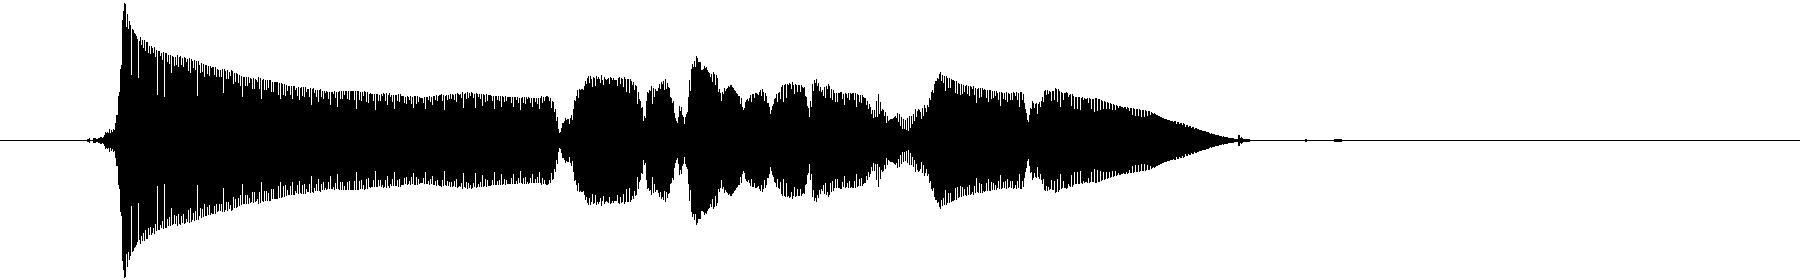 saxsolob 3